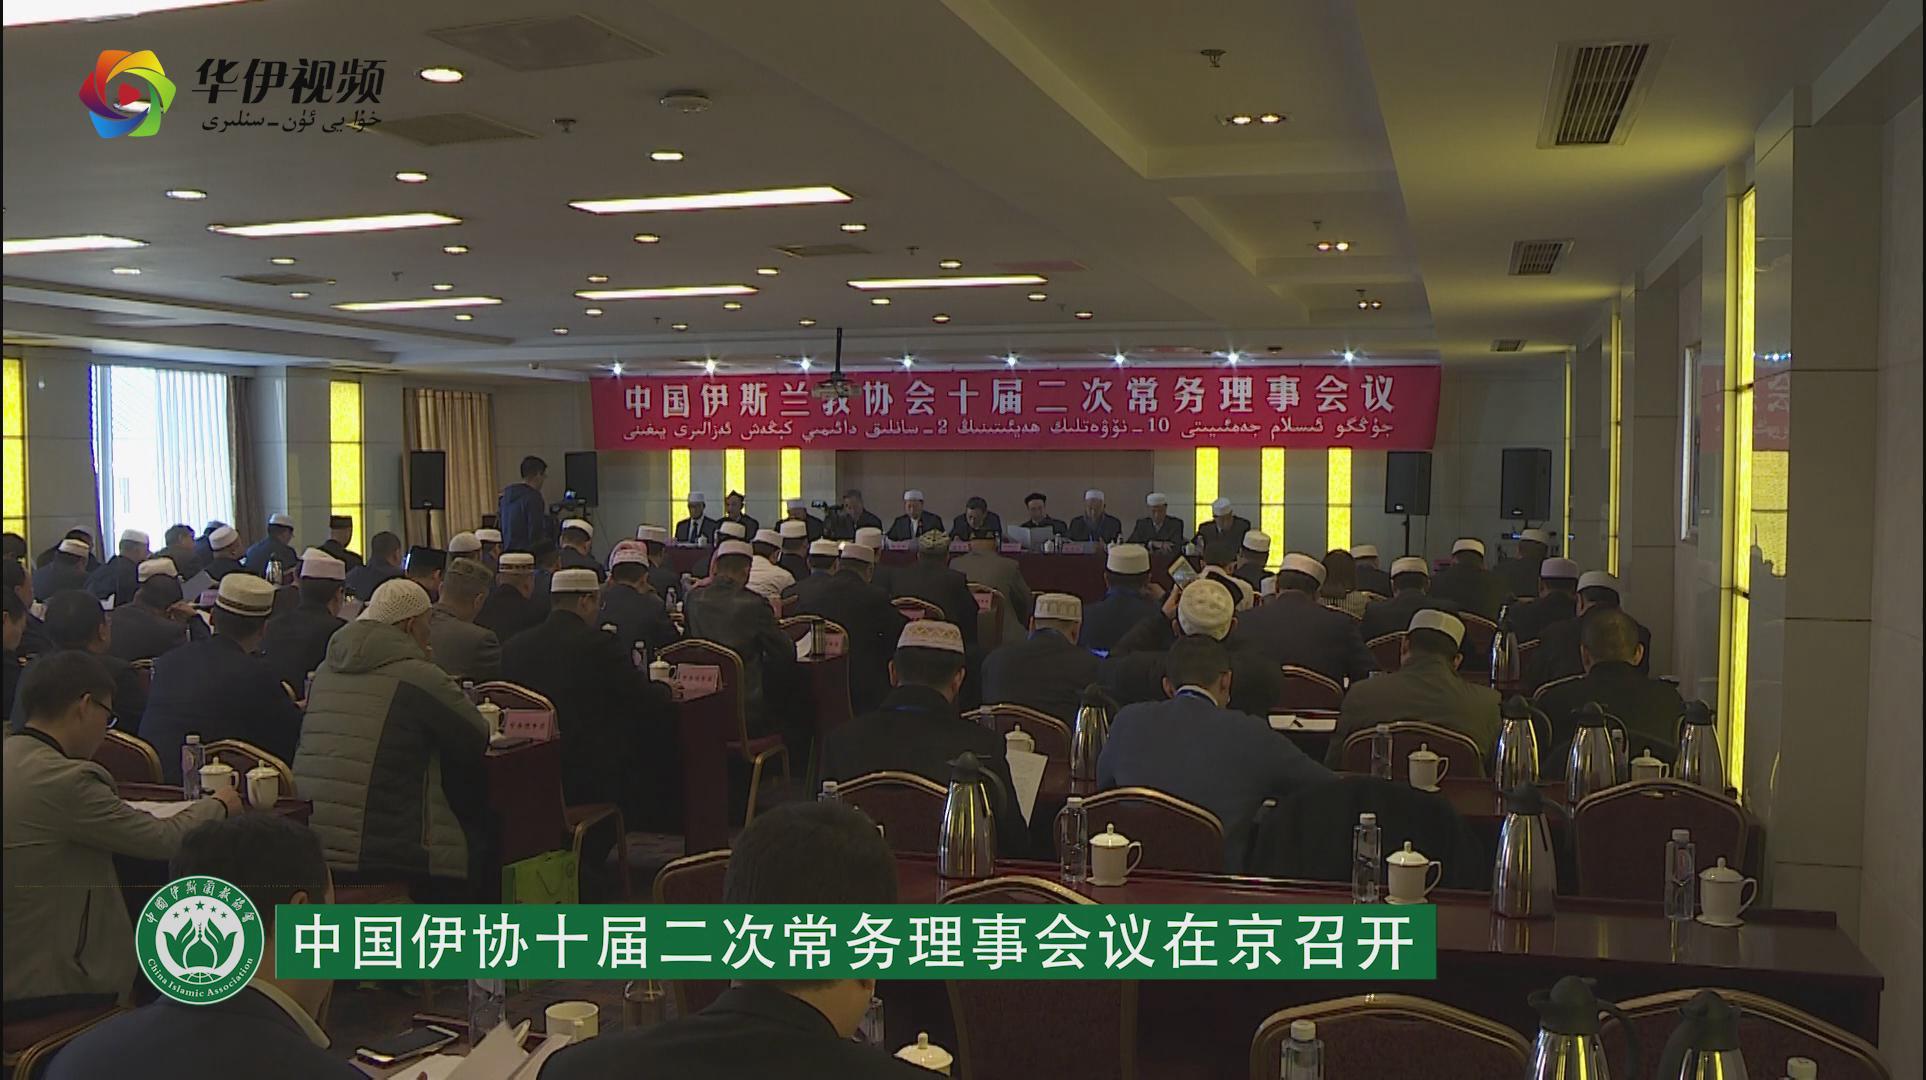 中国伊协十届二次常务理事会议在京召开